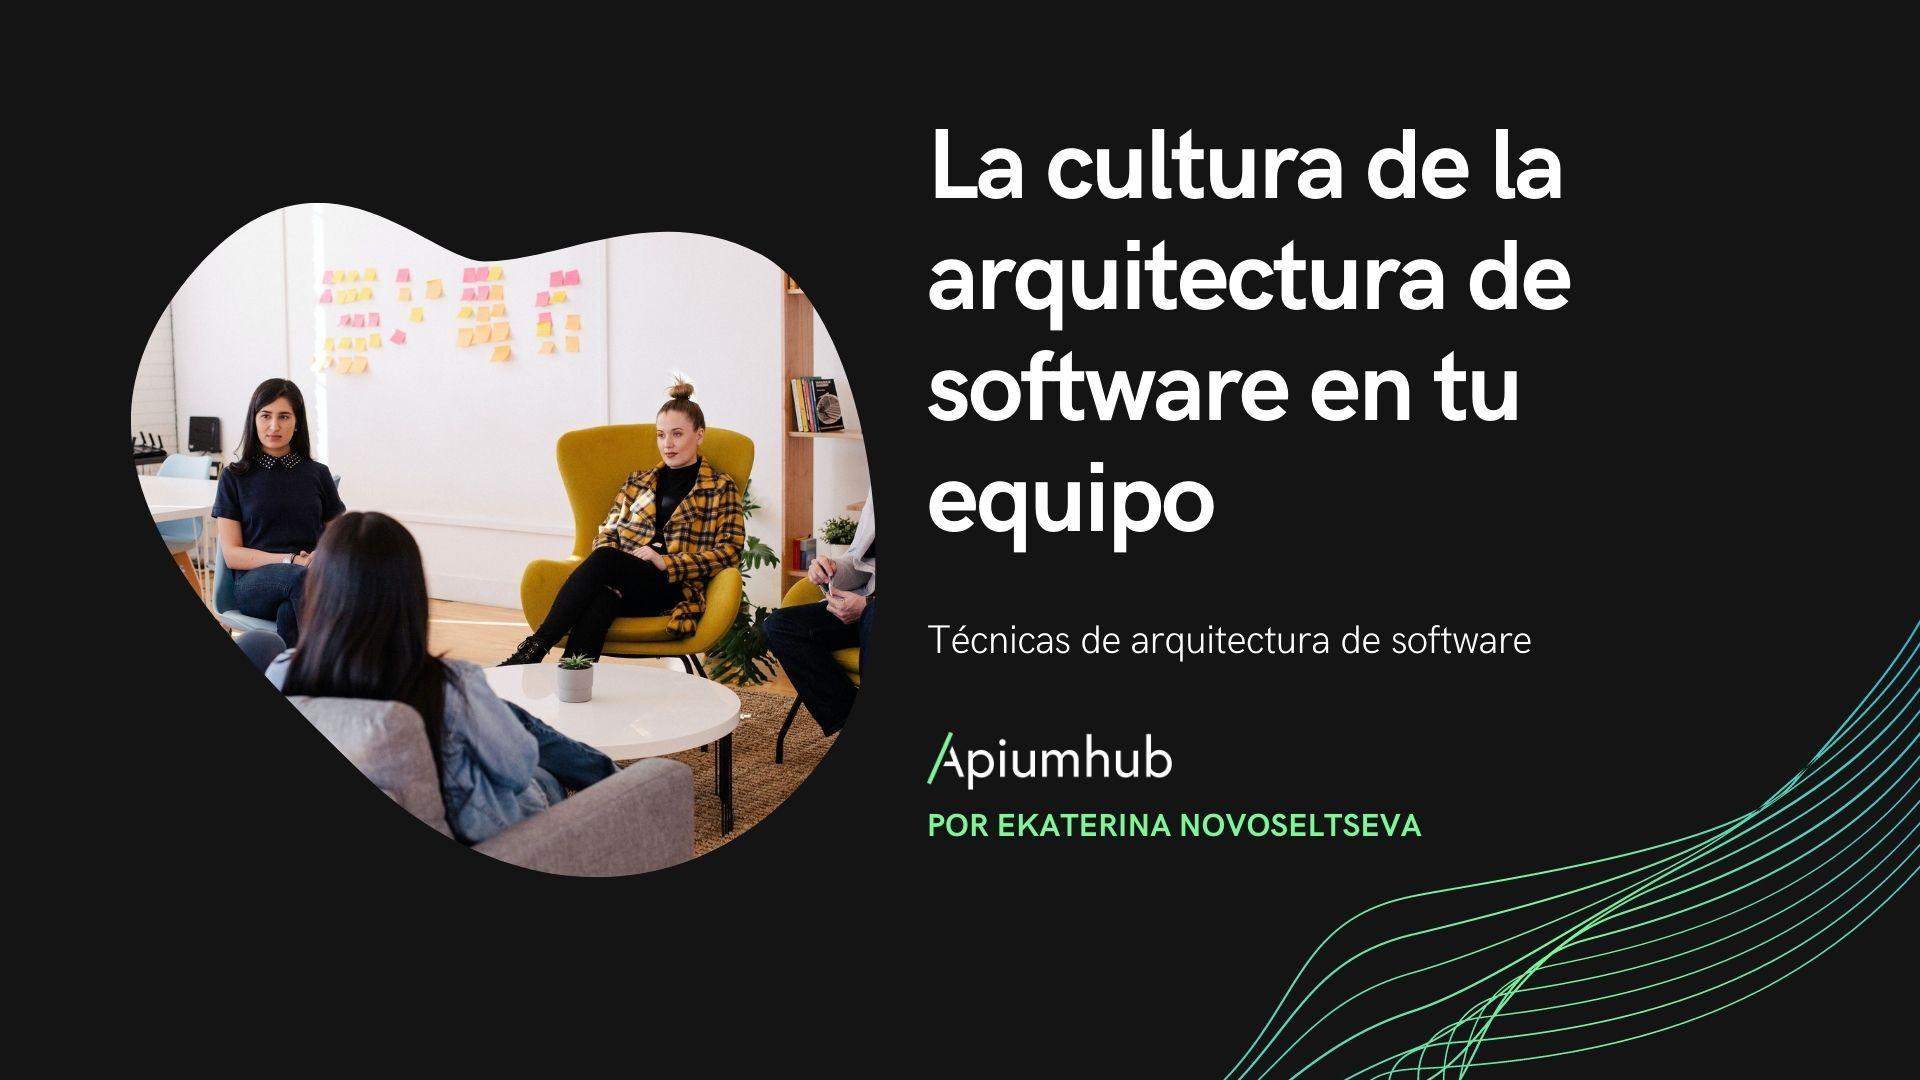 Bculturasoftware